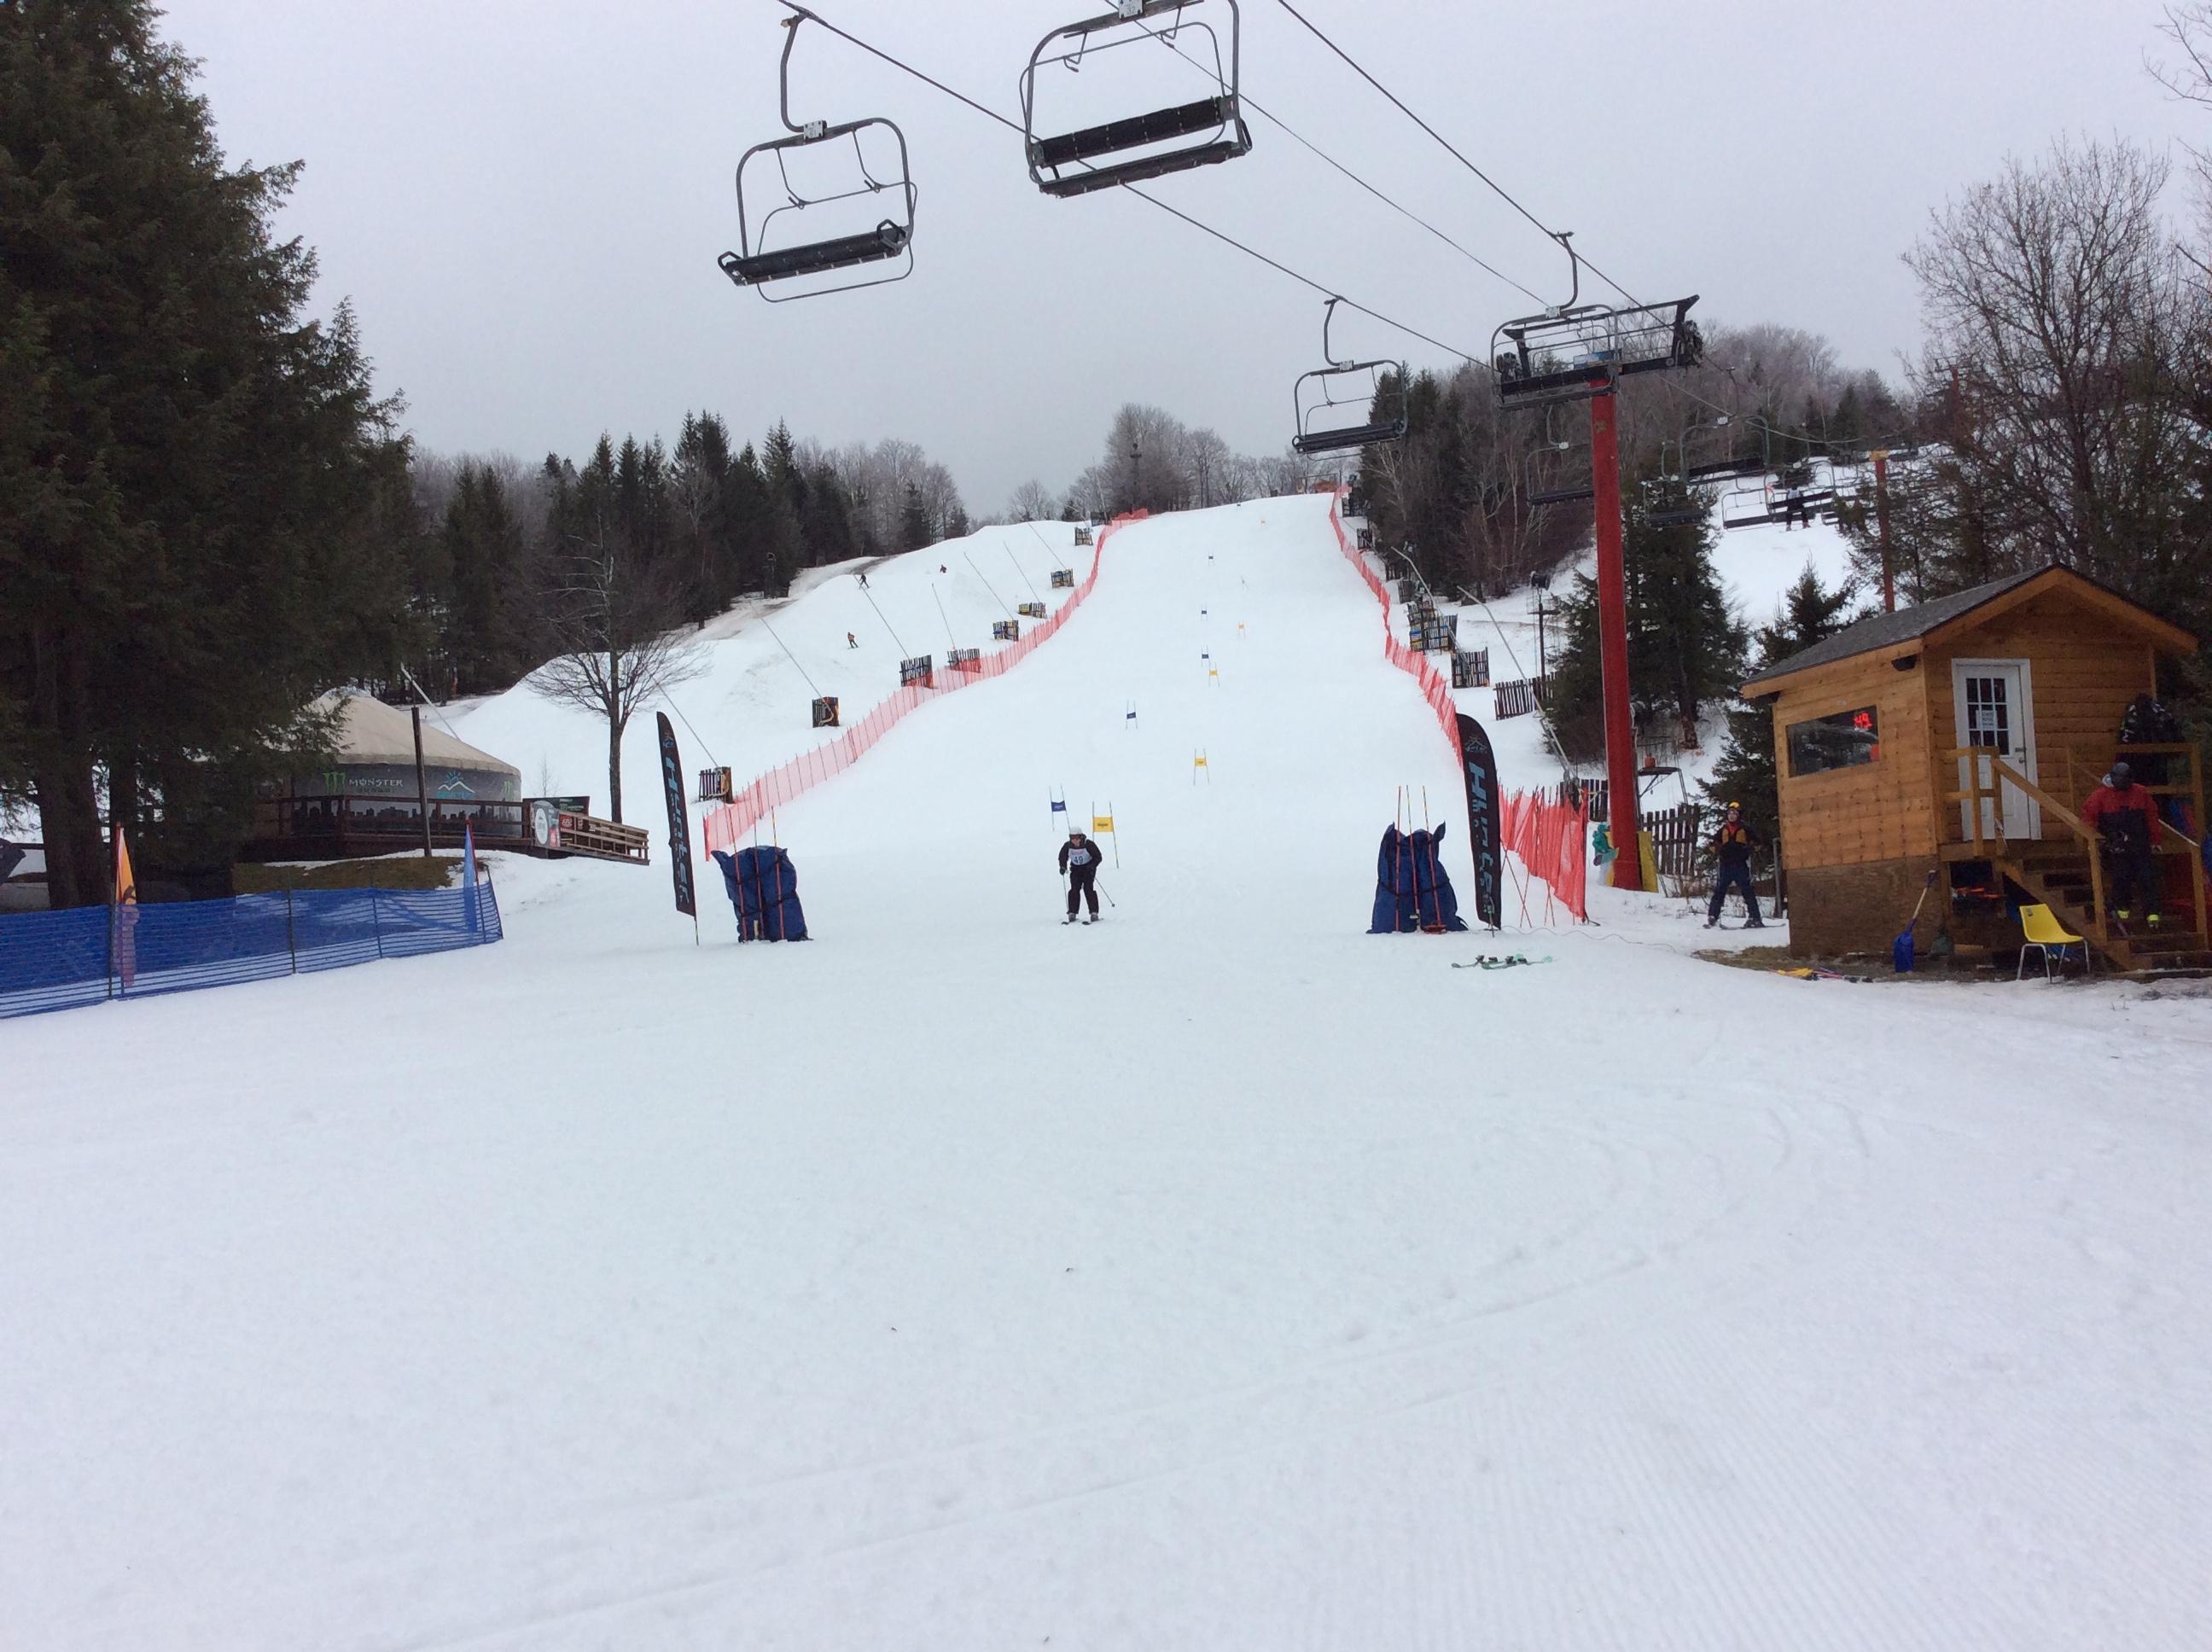 nypd-ski-club_31585165243_o